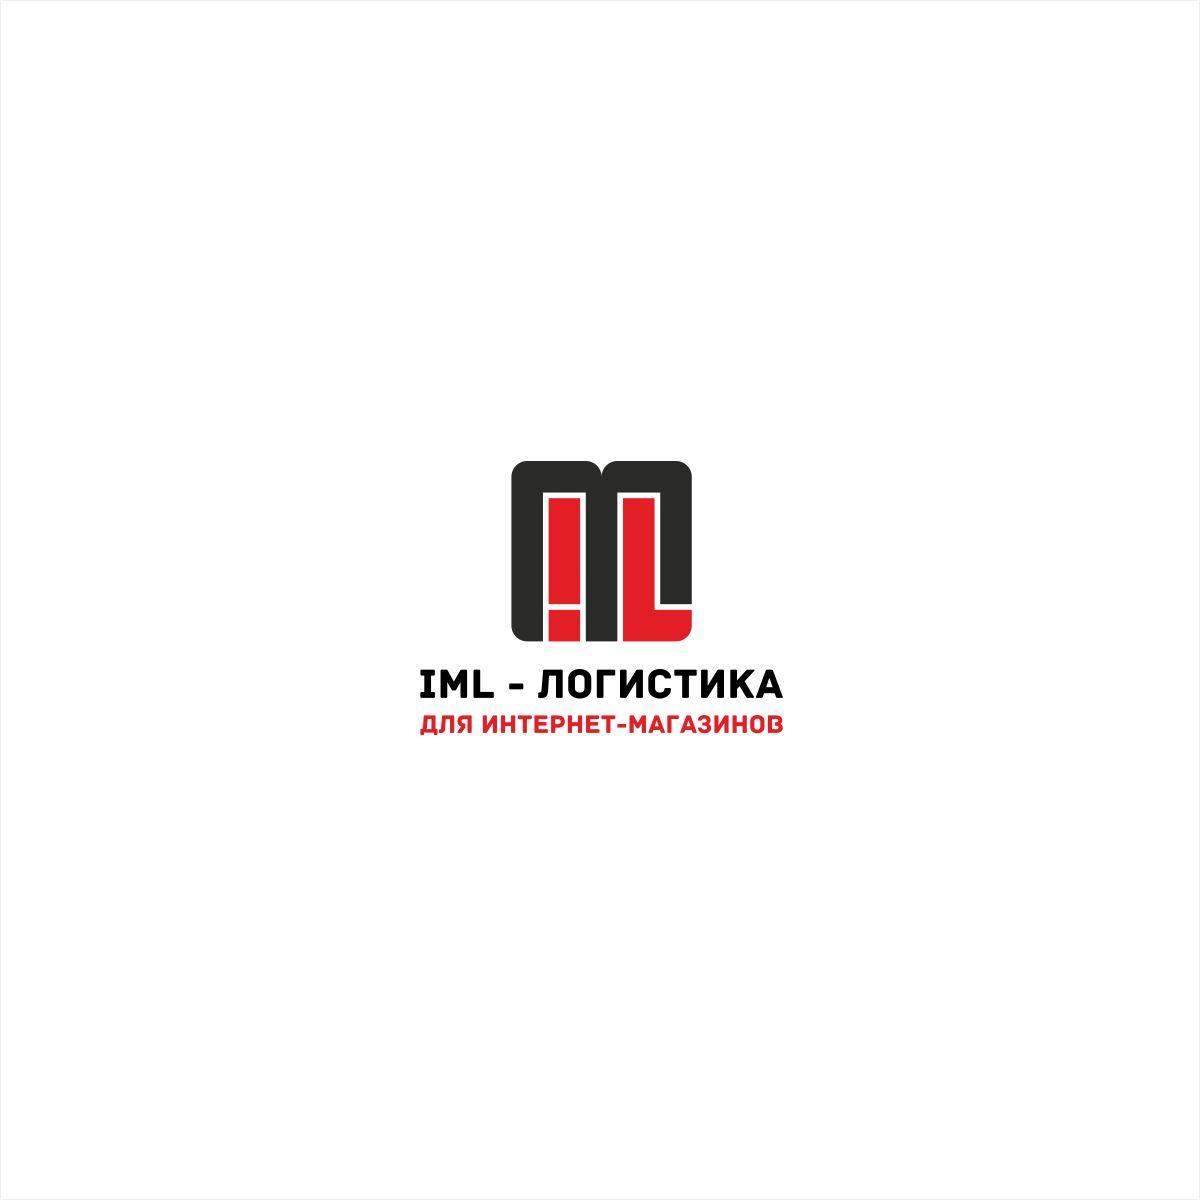 Лого для ребрендинга логистической компании - дизайнер smithy-style